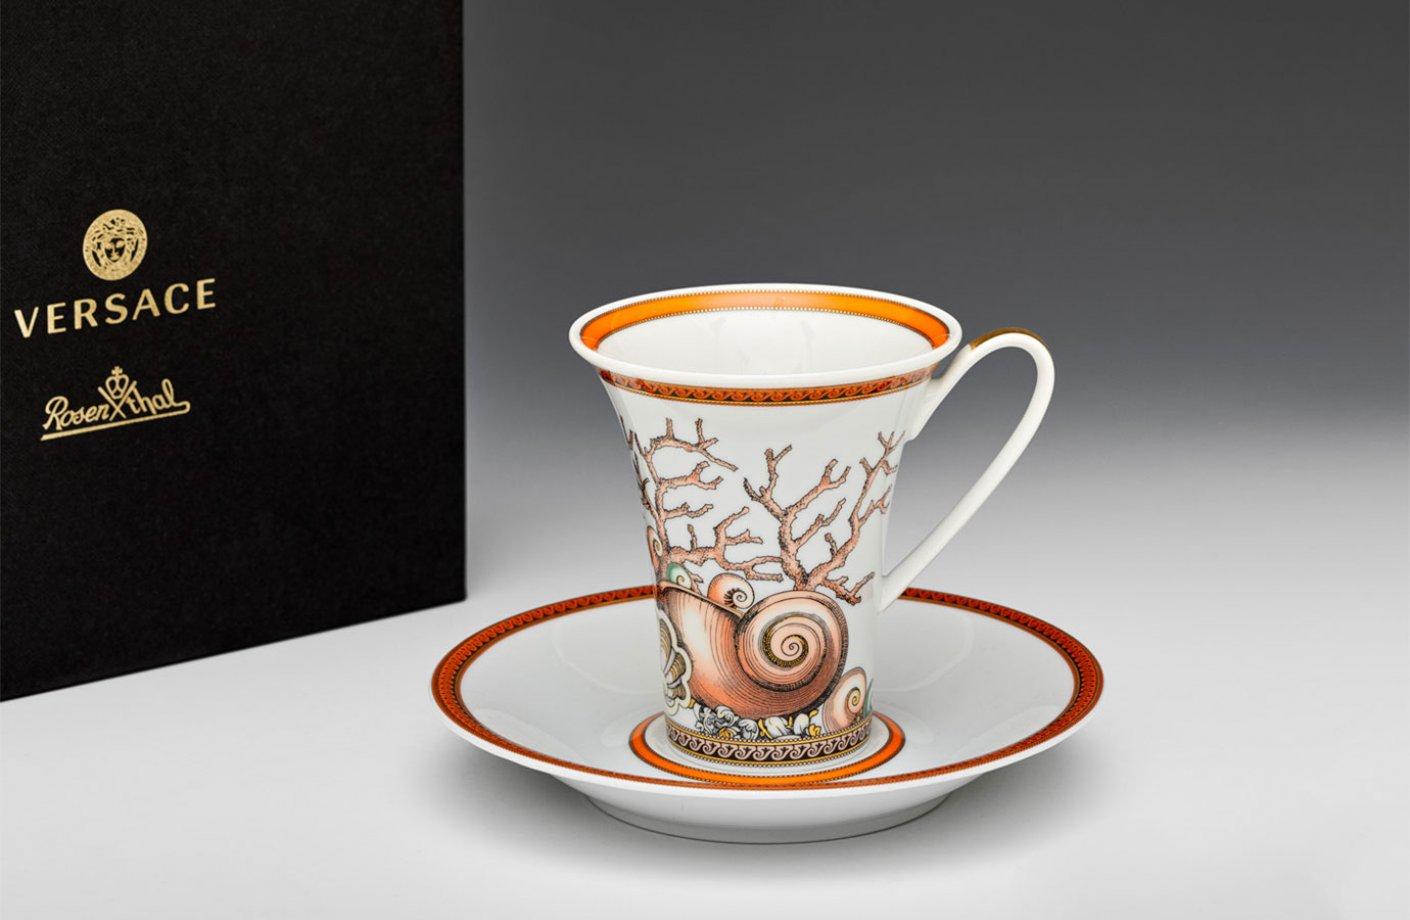 Les Etoiles De La Mer Coffee Cup Amp Saucer Versace Home